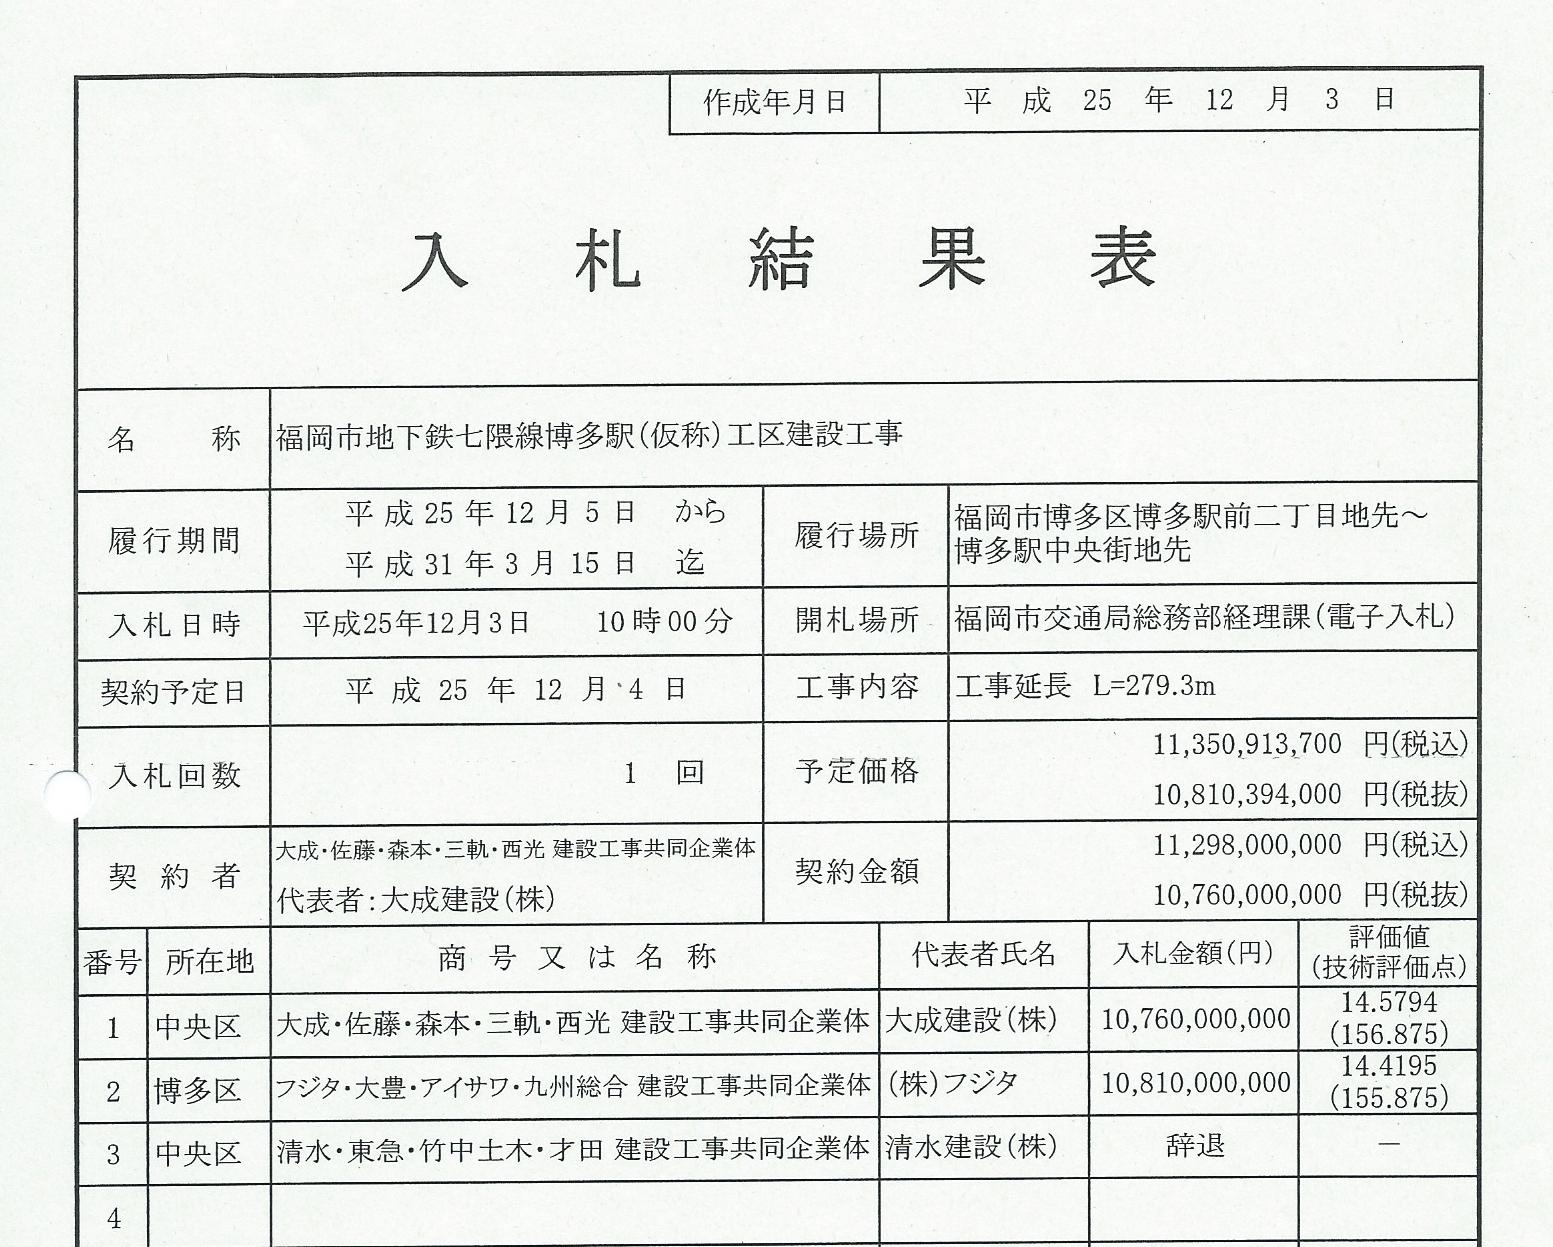 http://hunter-investigate.jp/news/2014/04/22/%E5%85%A5%E6%9C%AD%EF%BC%91-2.jpg